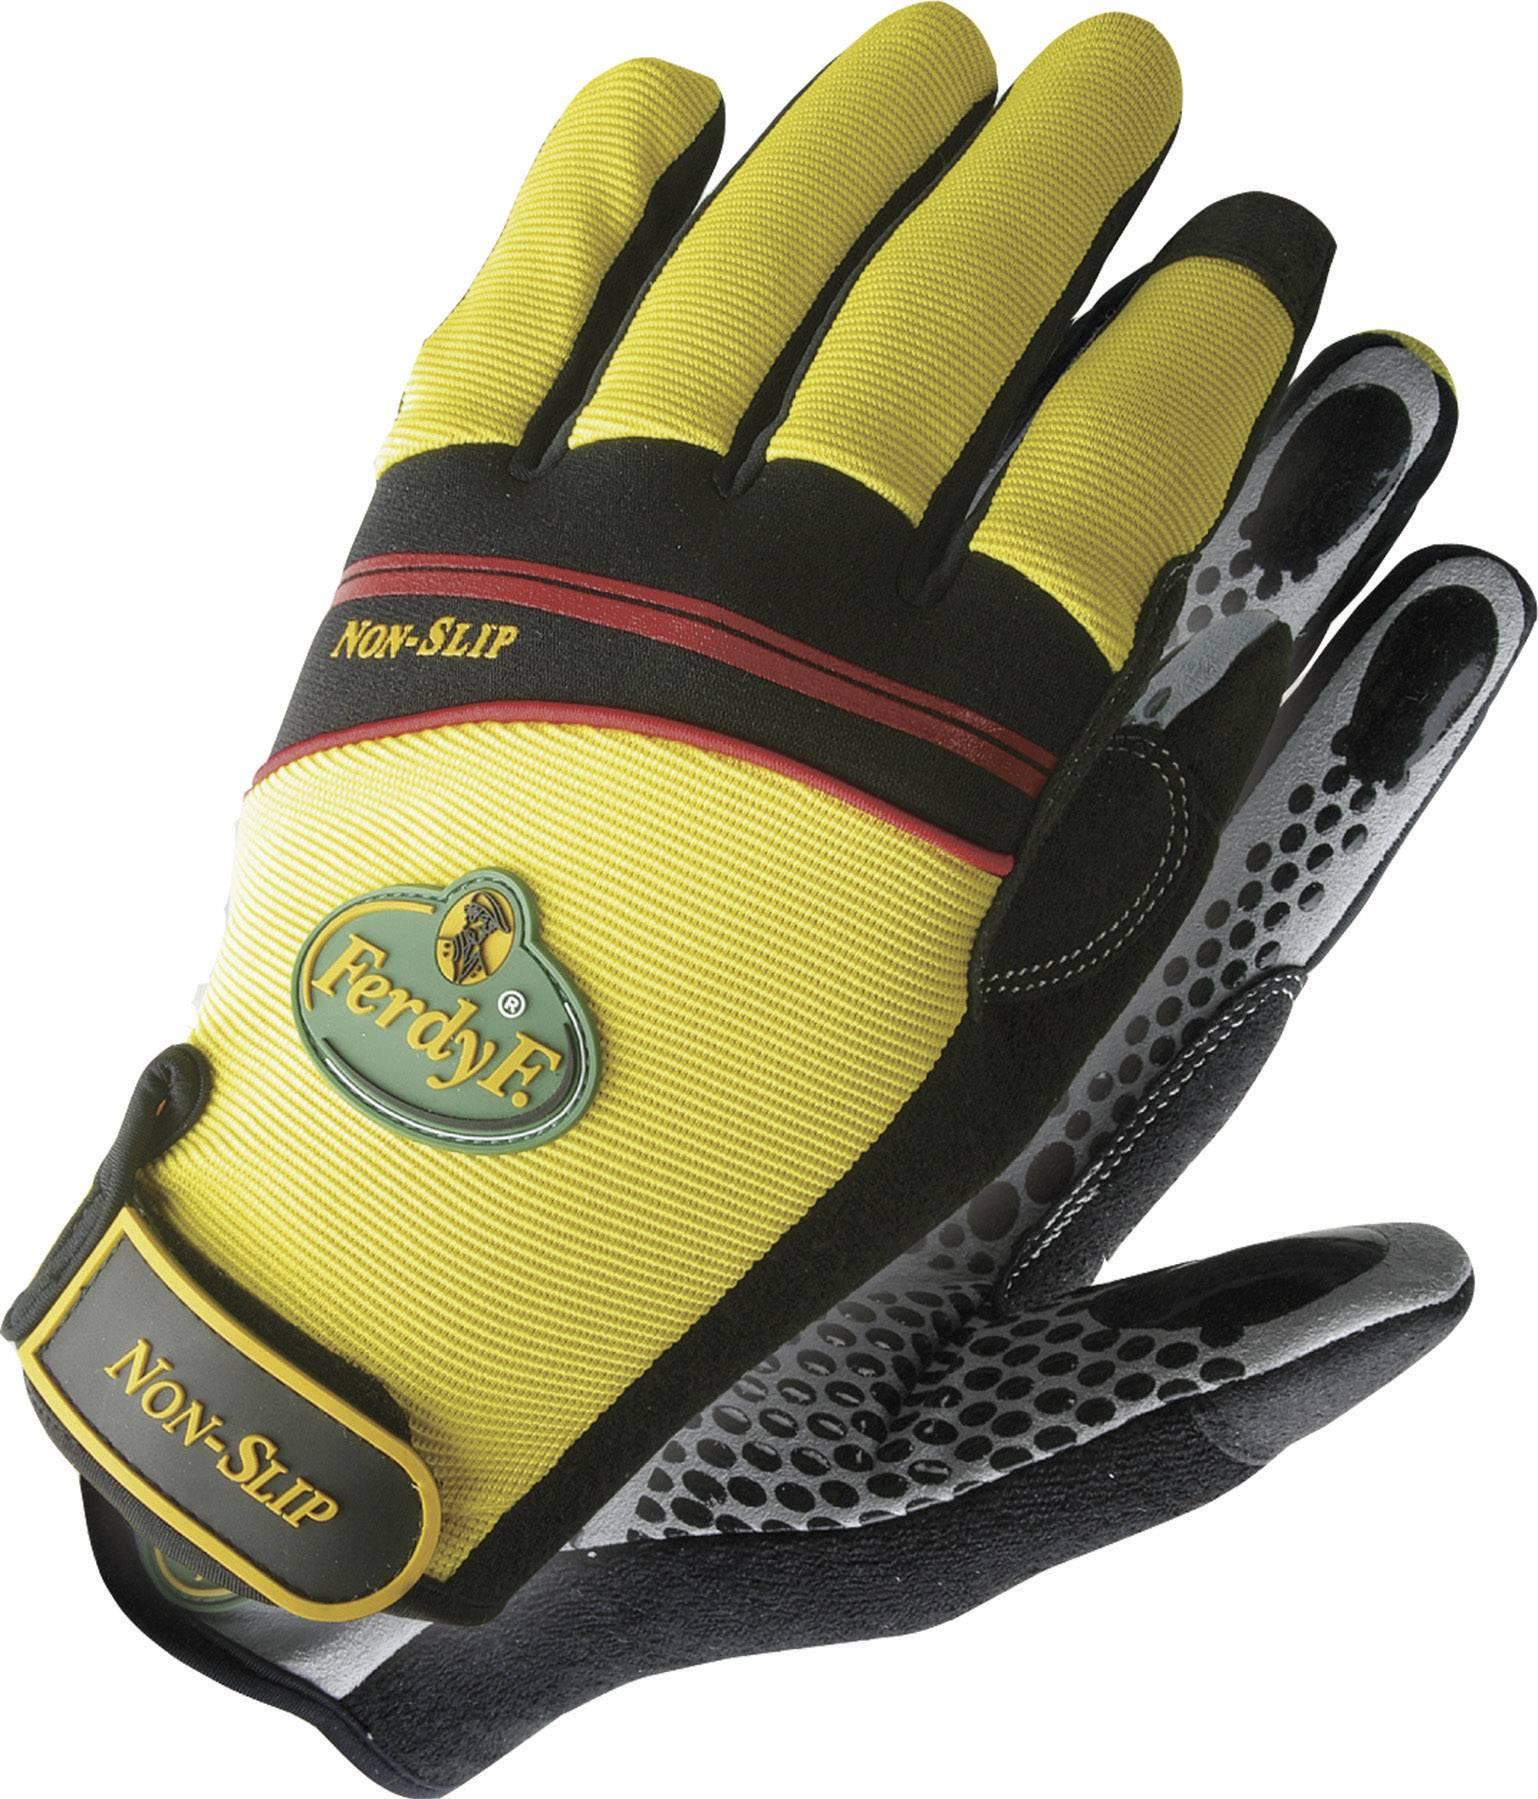 Pracovní rukavice CLARINOR, s protisluzovými dlaněmi, velikost XL (10)